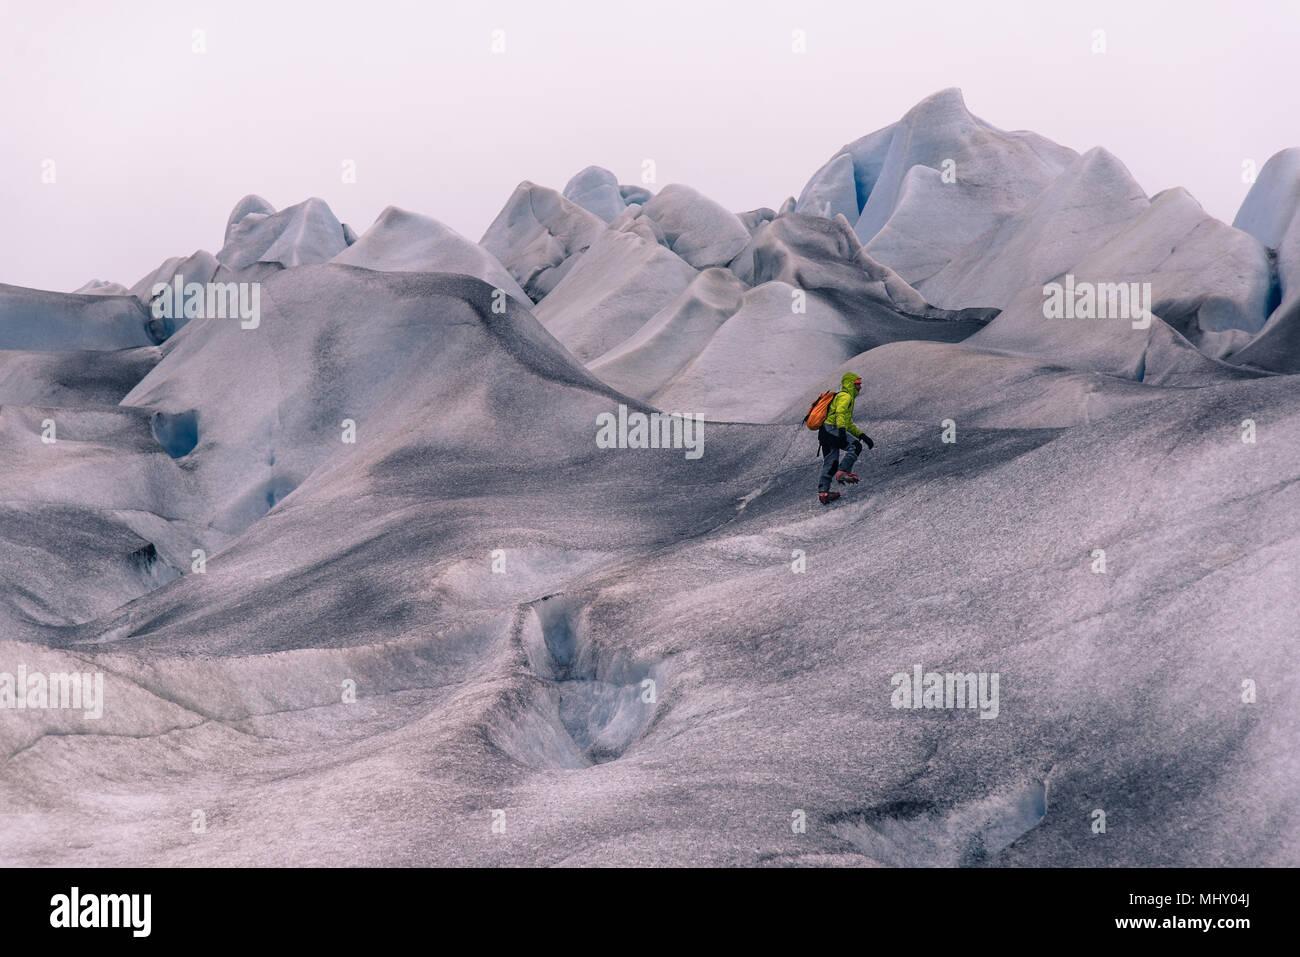 Escursionista maschio escursionismo su grigio paesaggi innevati, Narsaq, Vestgronland, Groenlandia meridionale Immagini Stock